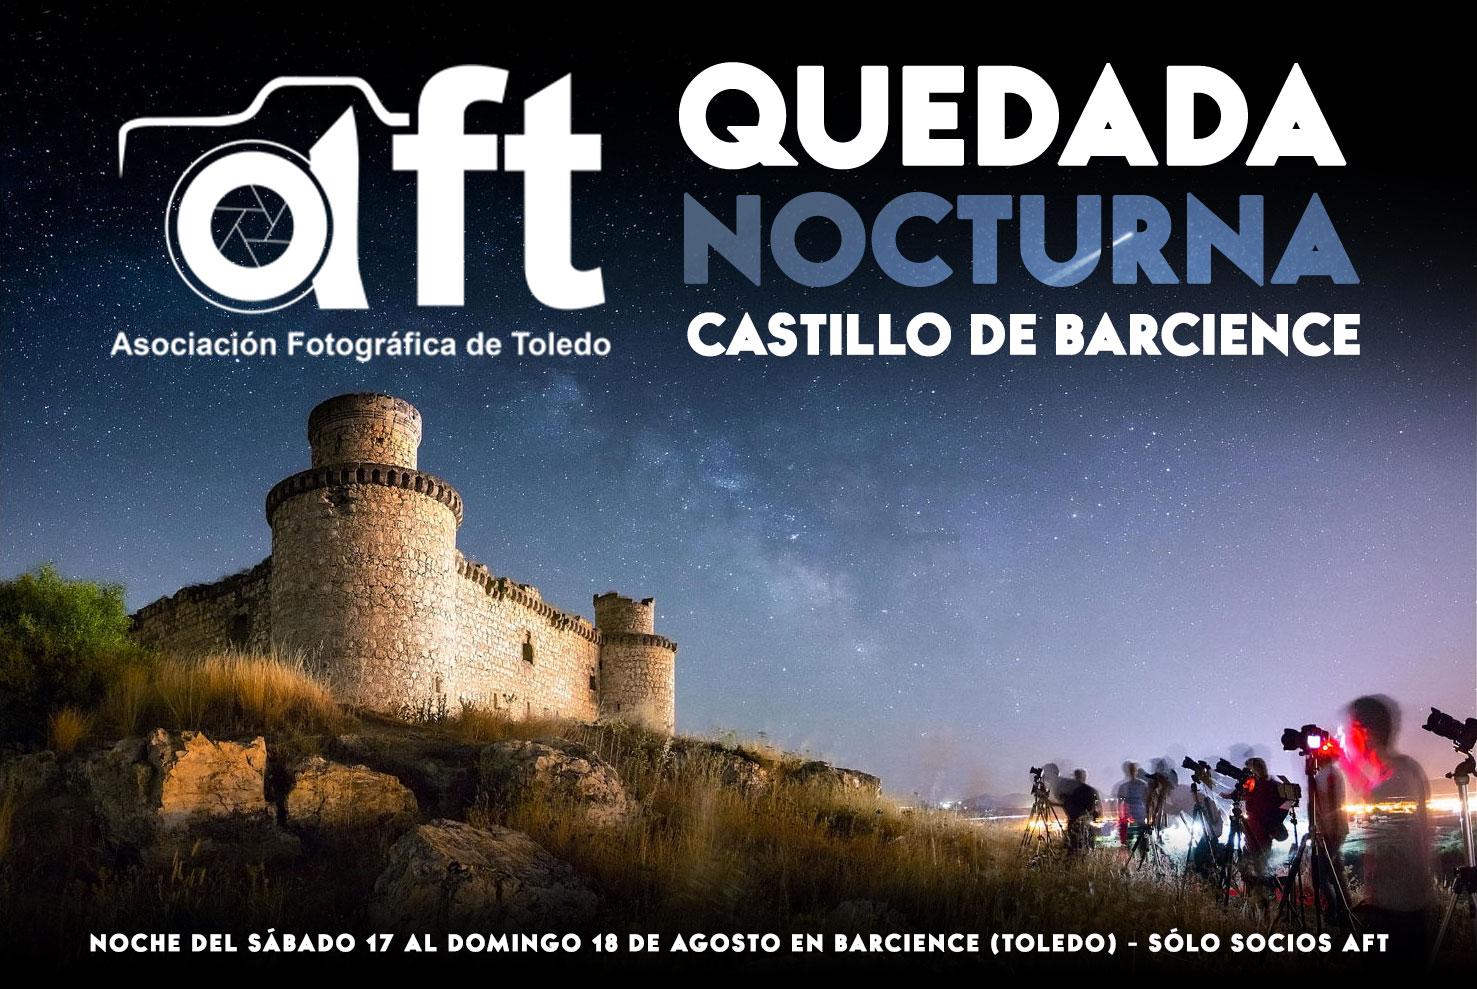 QUEDADA Nocturna Castillo de Barcience